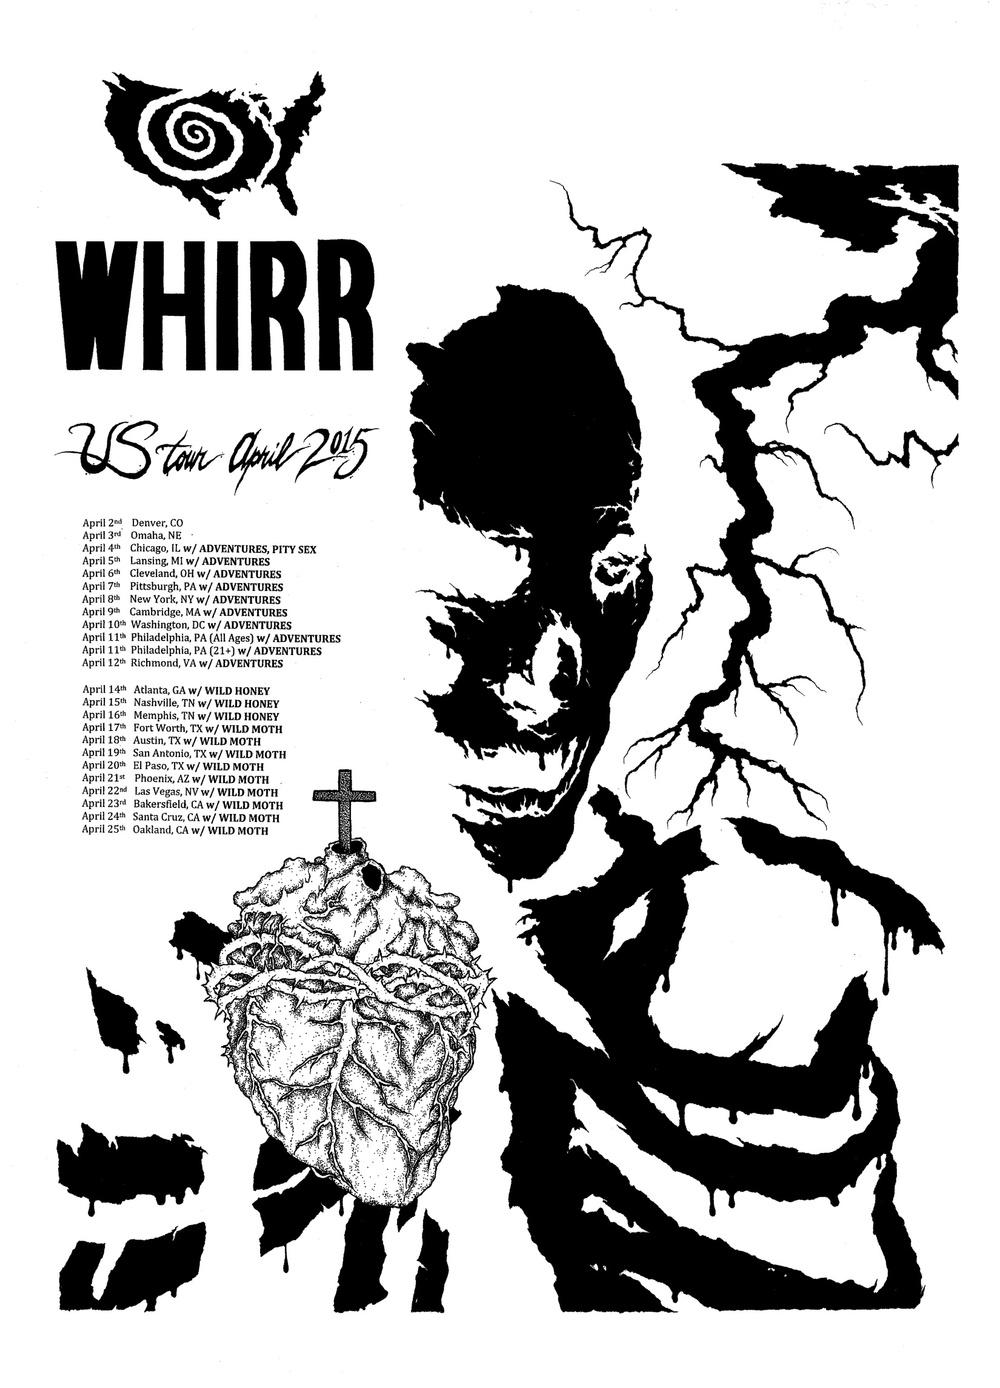 whirr_admat